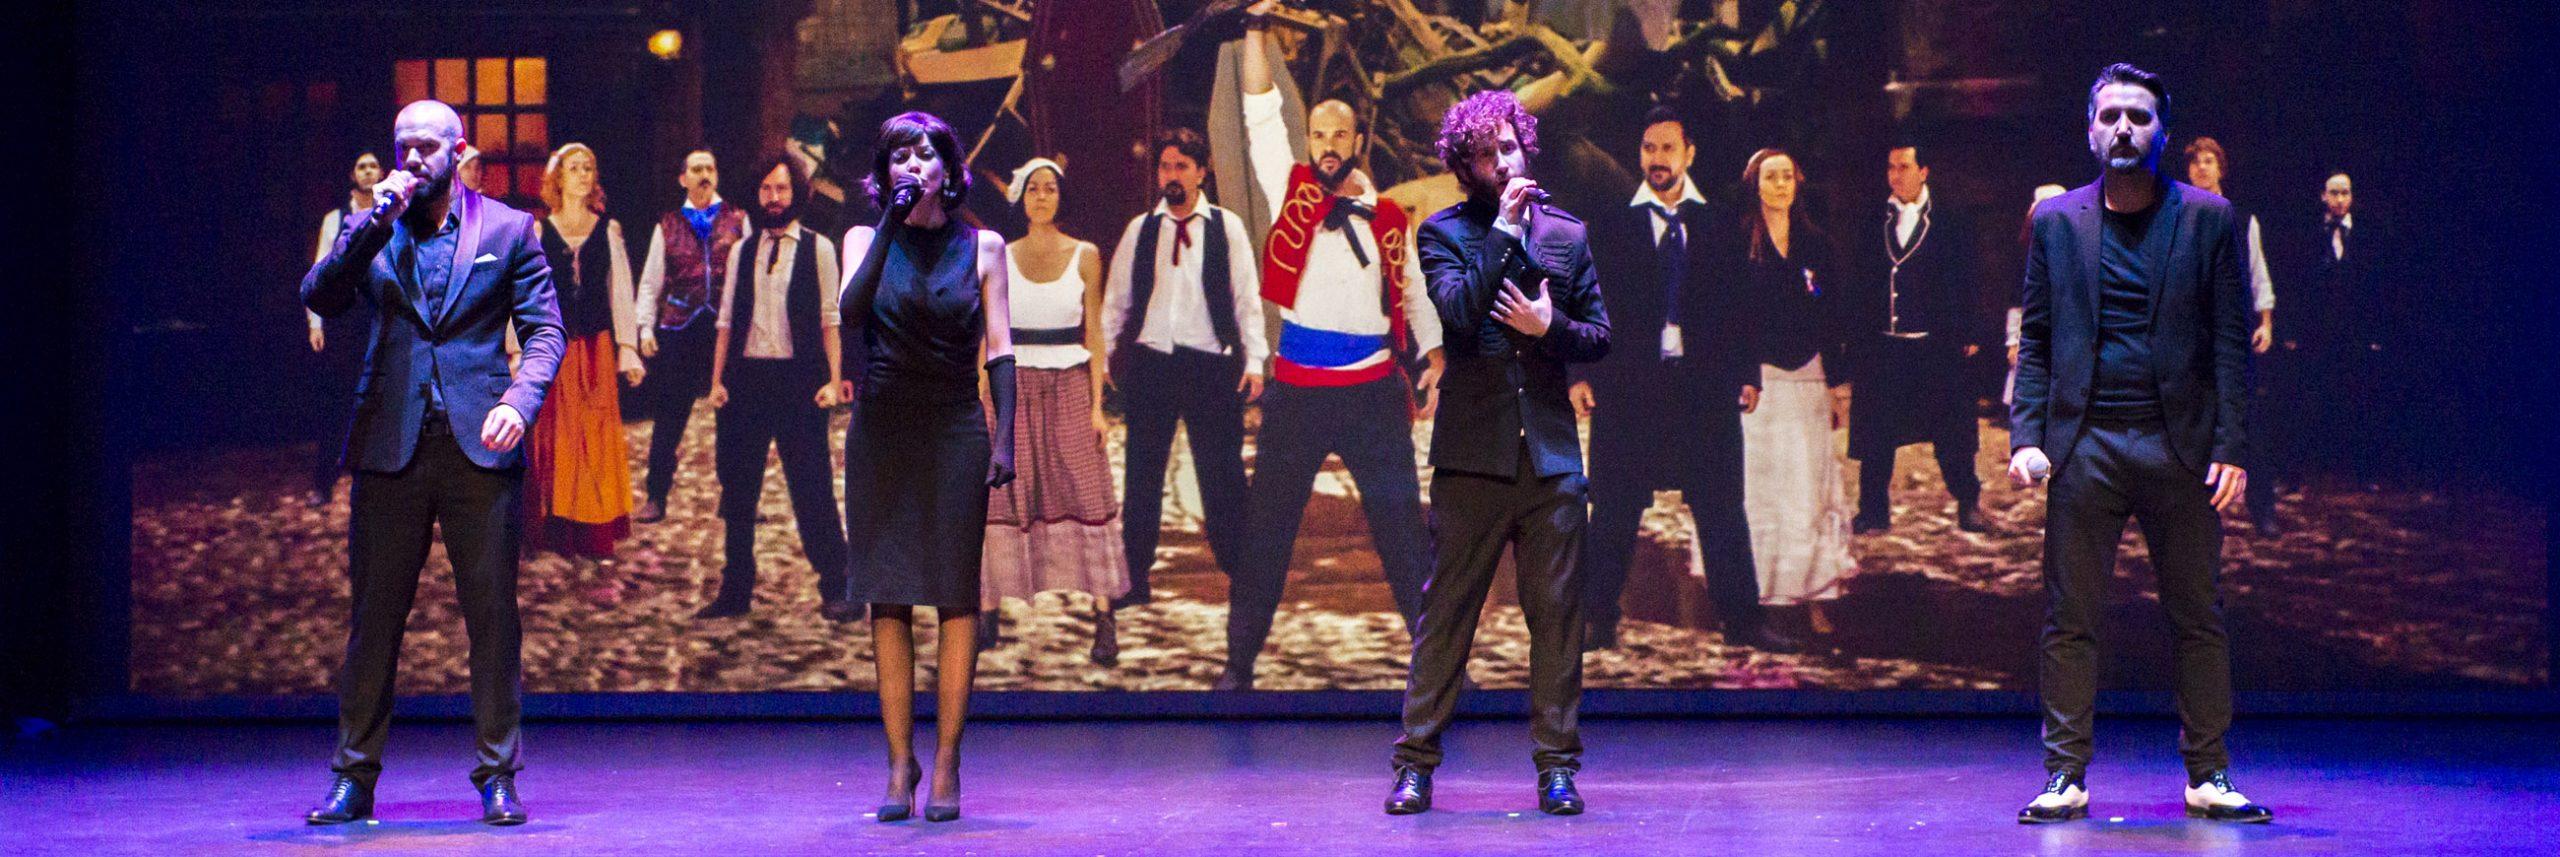 DemodeQuartet Musicales